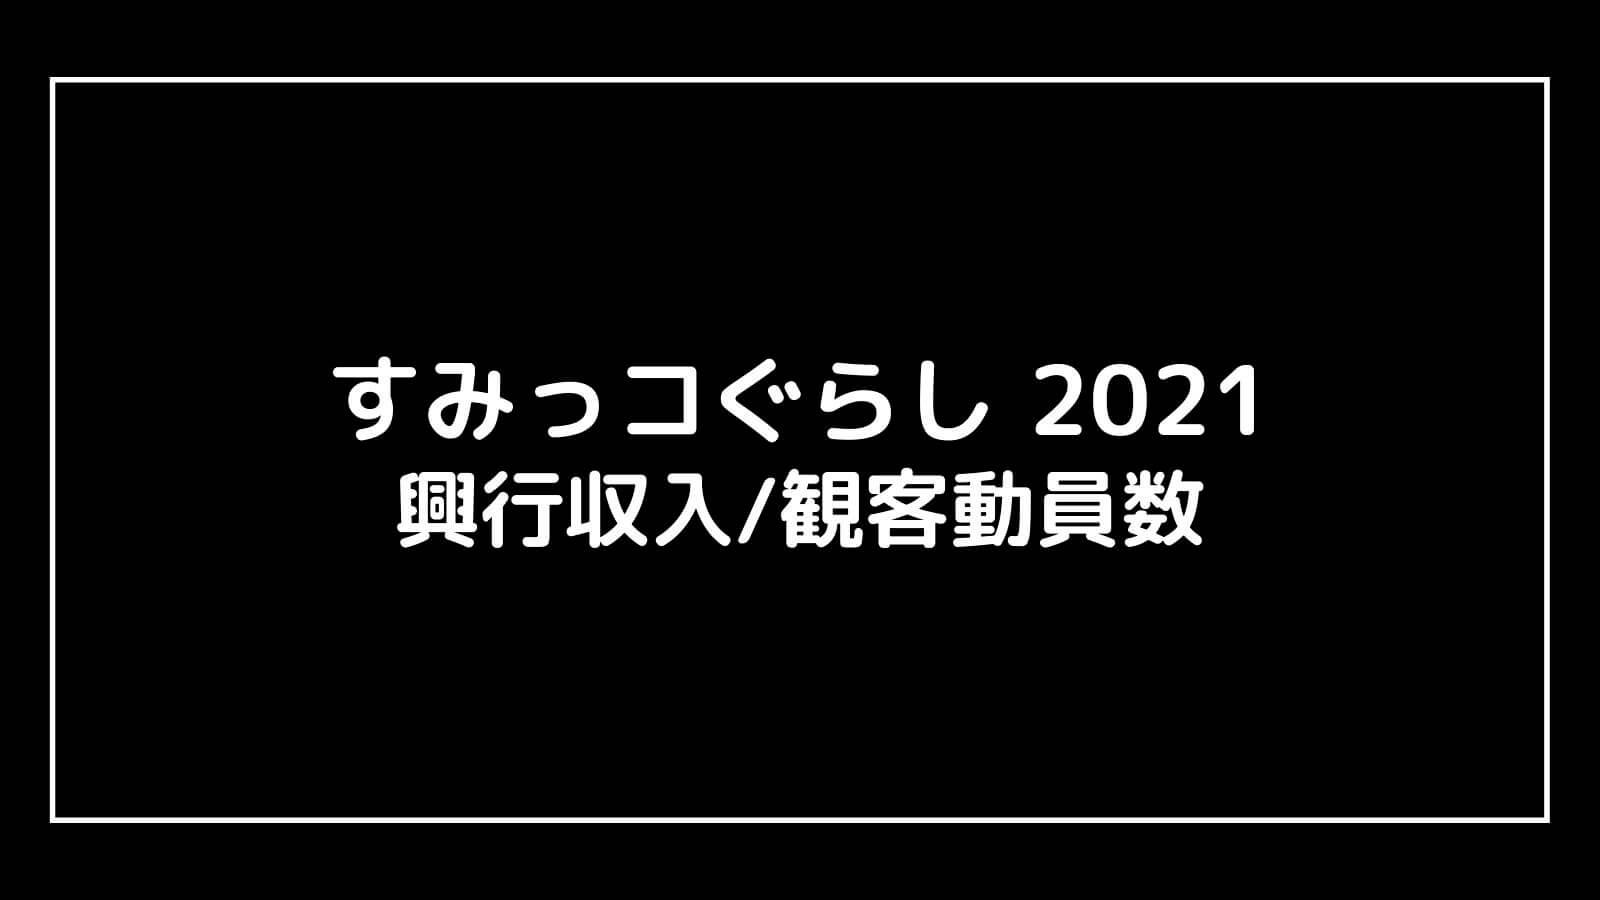 映画『すみっコぐらし2021』興行収入推移と最終興収を元映画館社員が予想【⻘い月夜のまほうのコ】